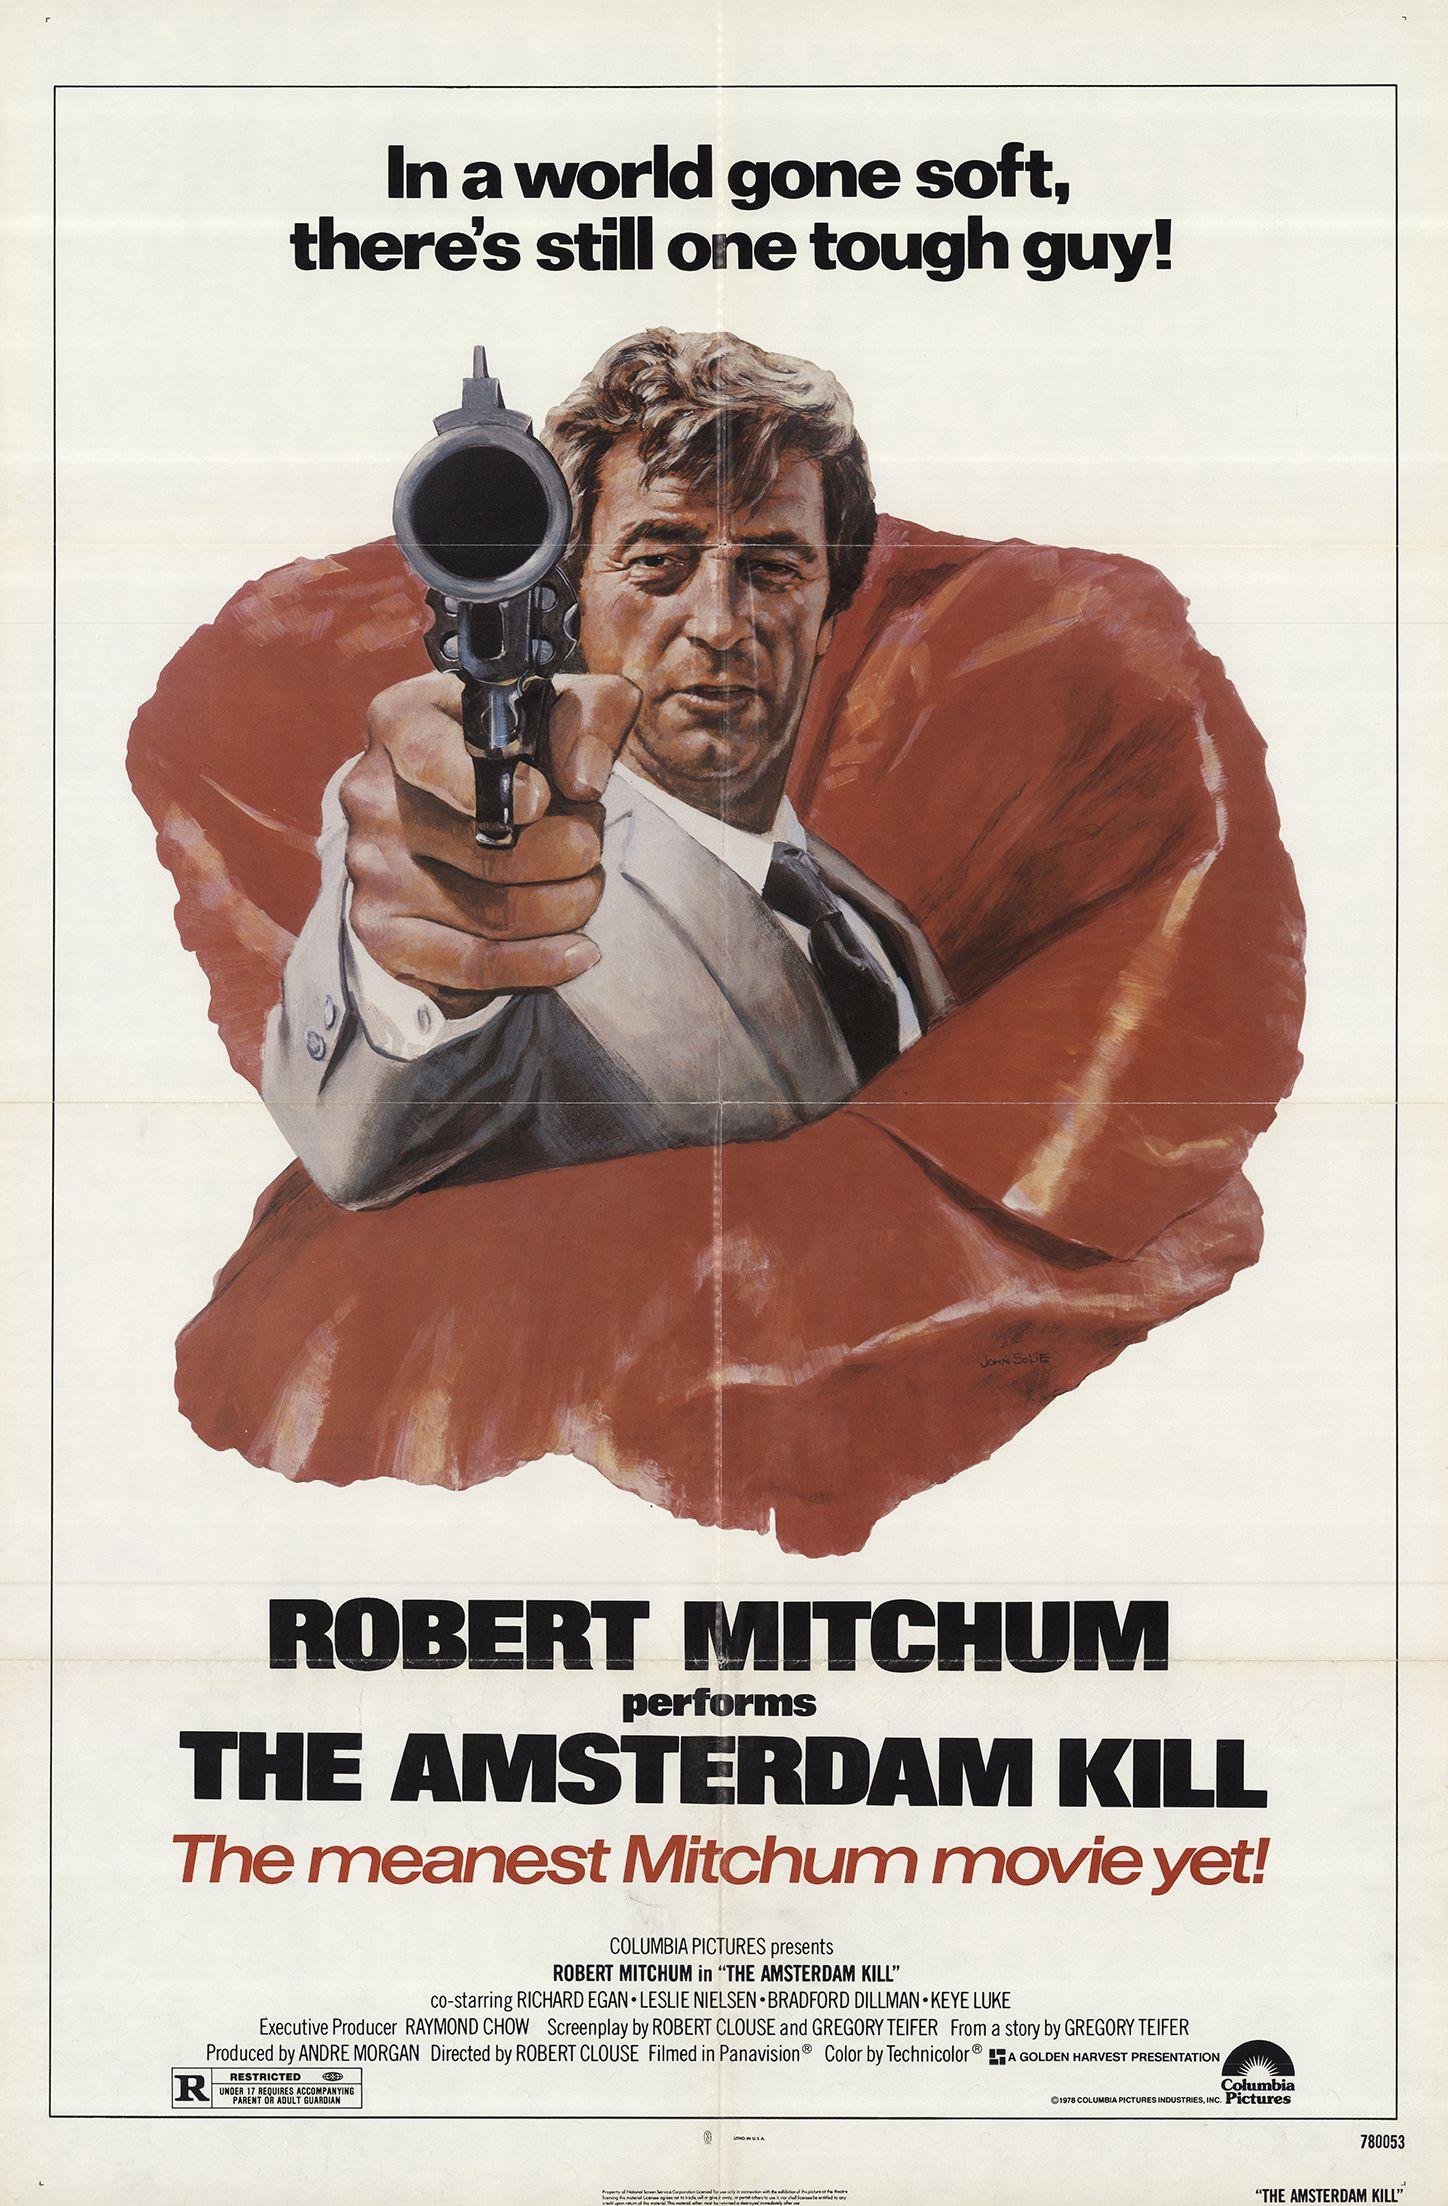 The Amsterdam Kill